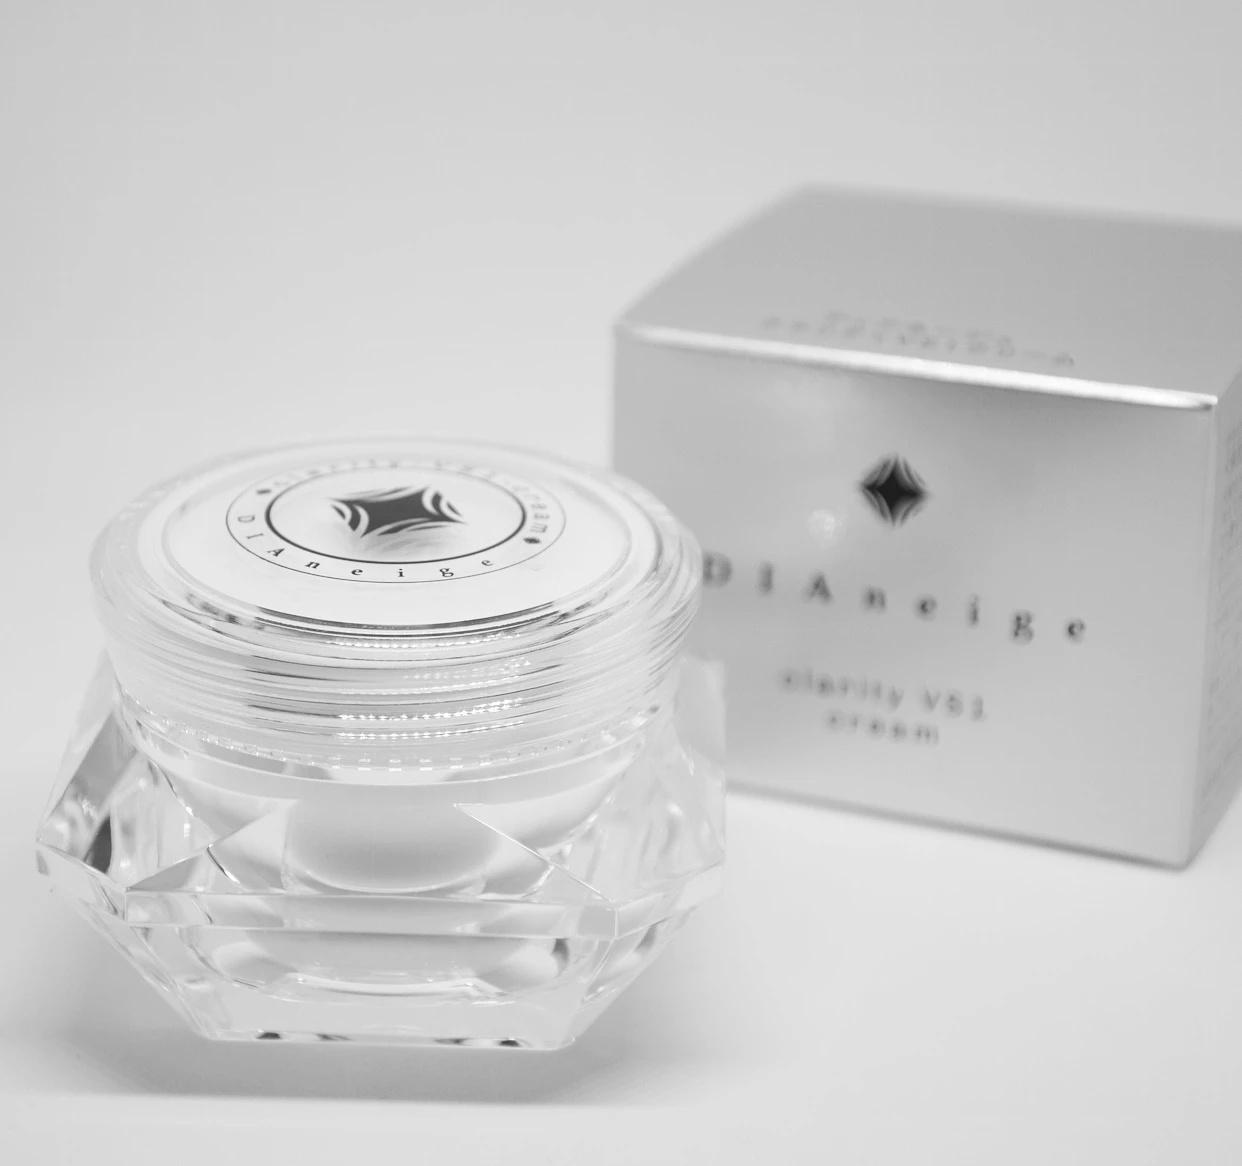 DIAneige(ディアネイジュ) クラリティVS1クリームの商品画像